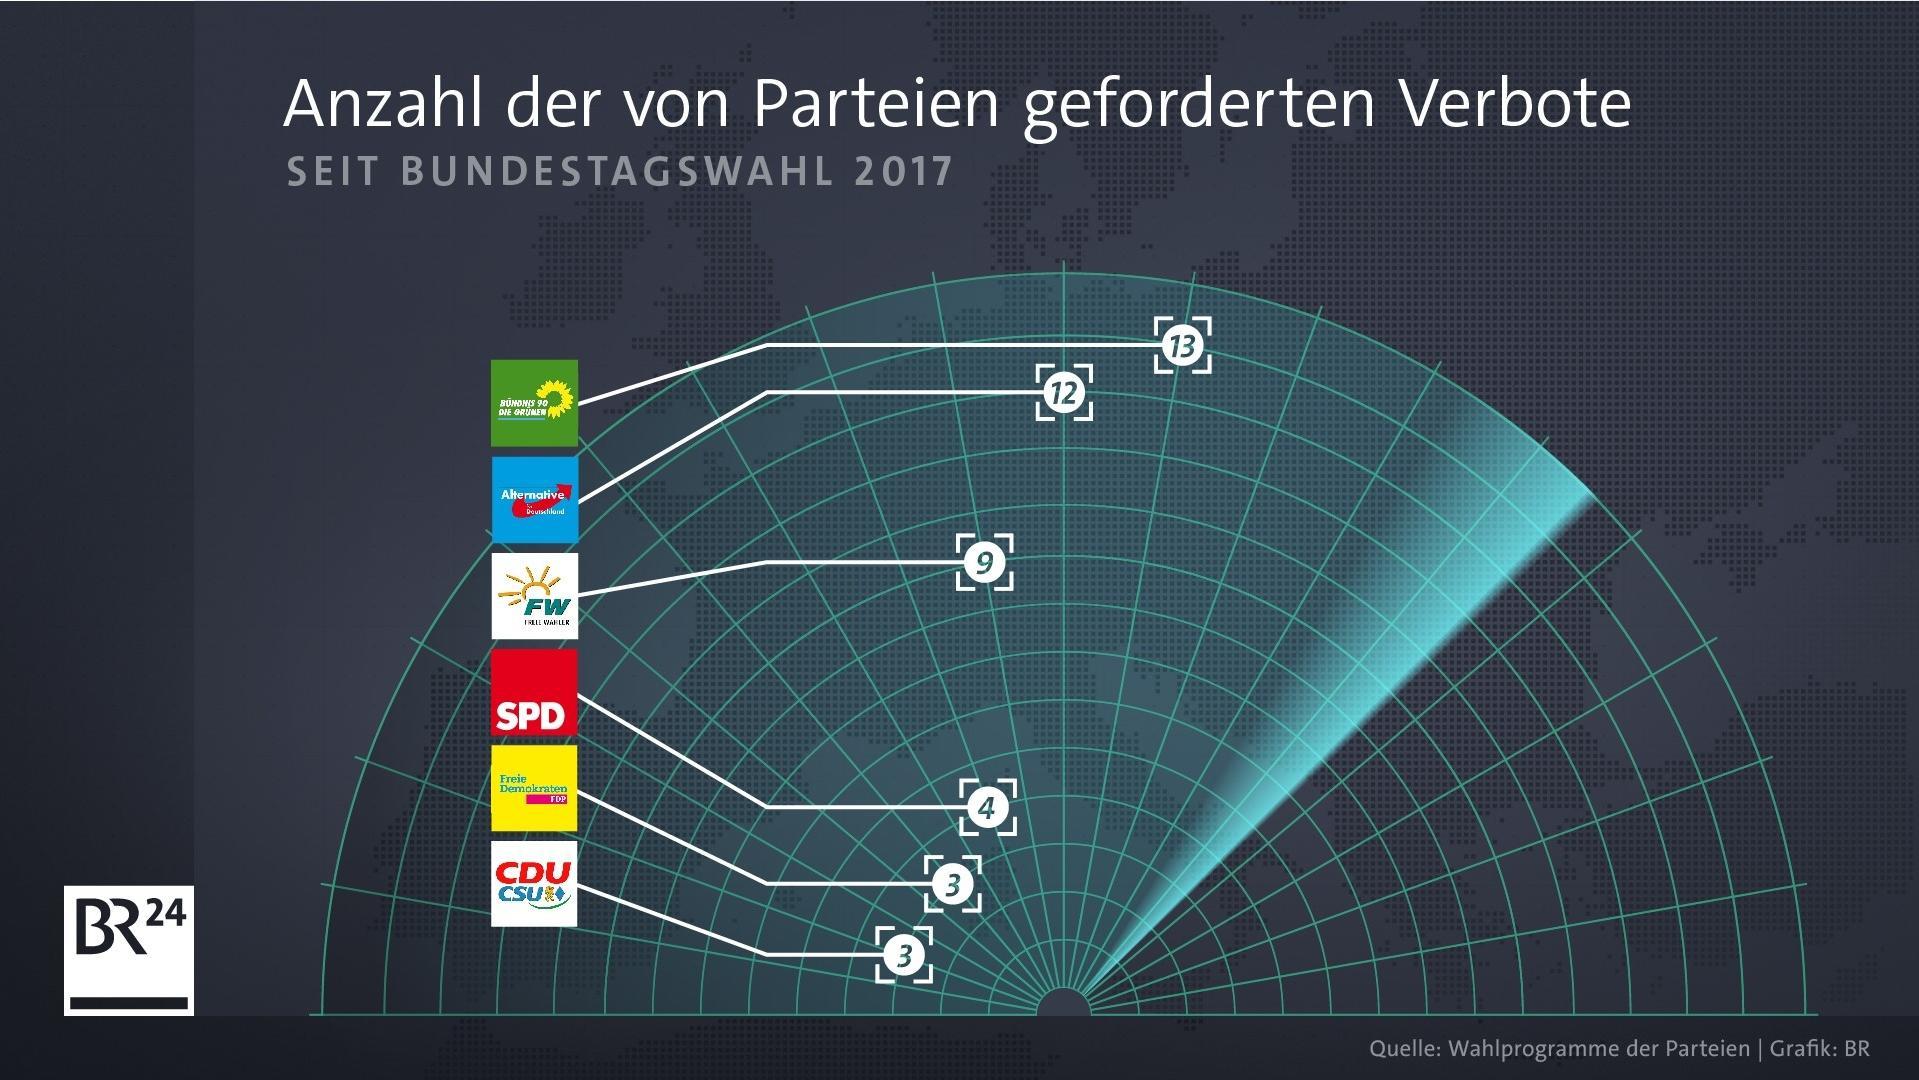 Anzahl der von Parteien geforderten Verbote (Wahlprogramme)